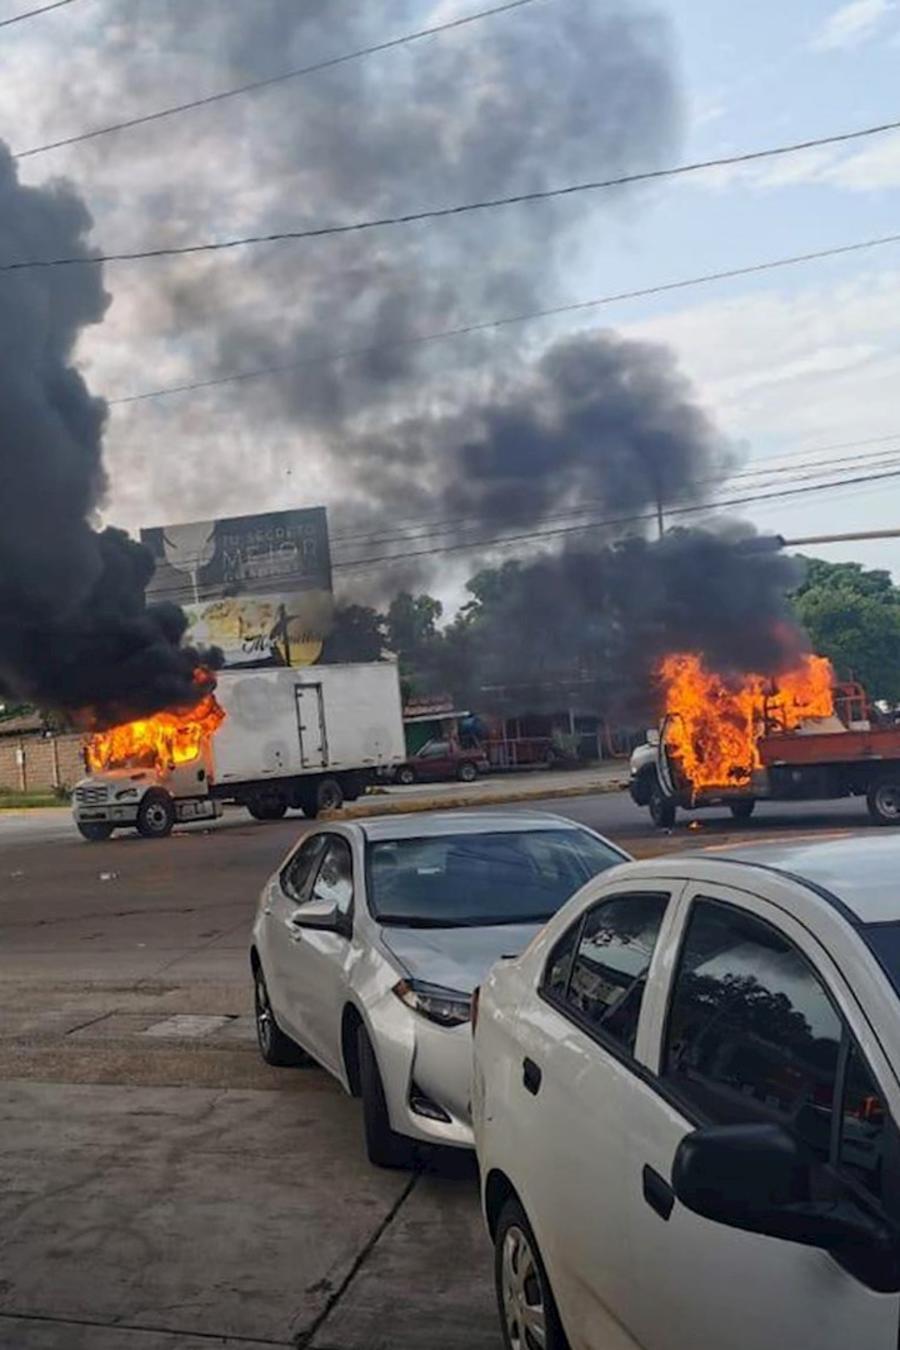 Vehículos en llamas en la tarde de este jueves en Culiacán, capital del estado mexicano de Sinaloa, donde se desató una oleada de violencia tras un intento frustrado de captura de un hijo de 'El Chapo' Guzmán.